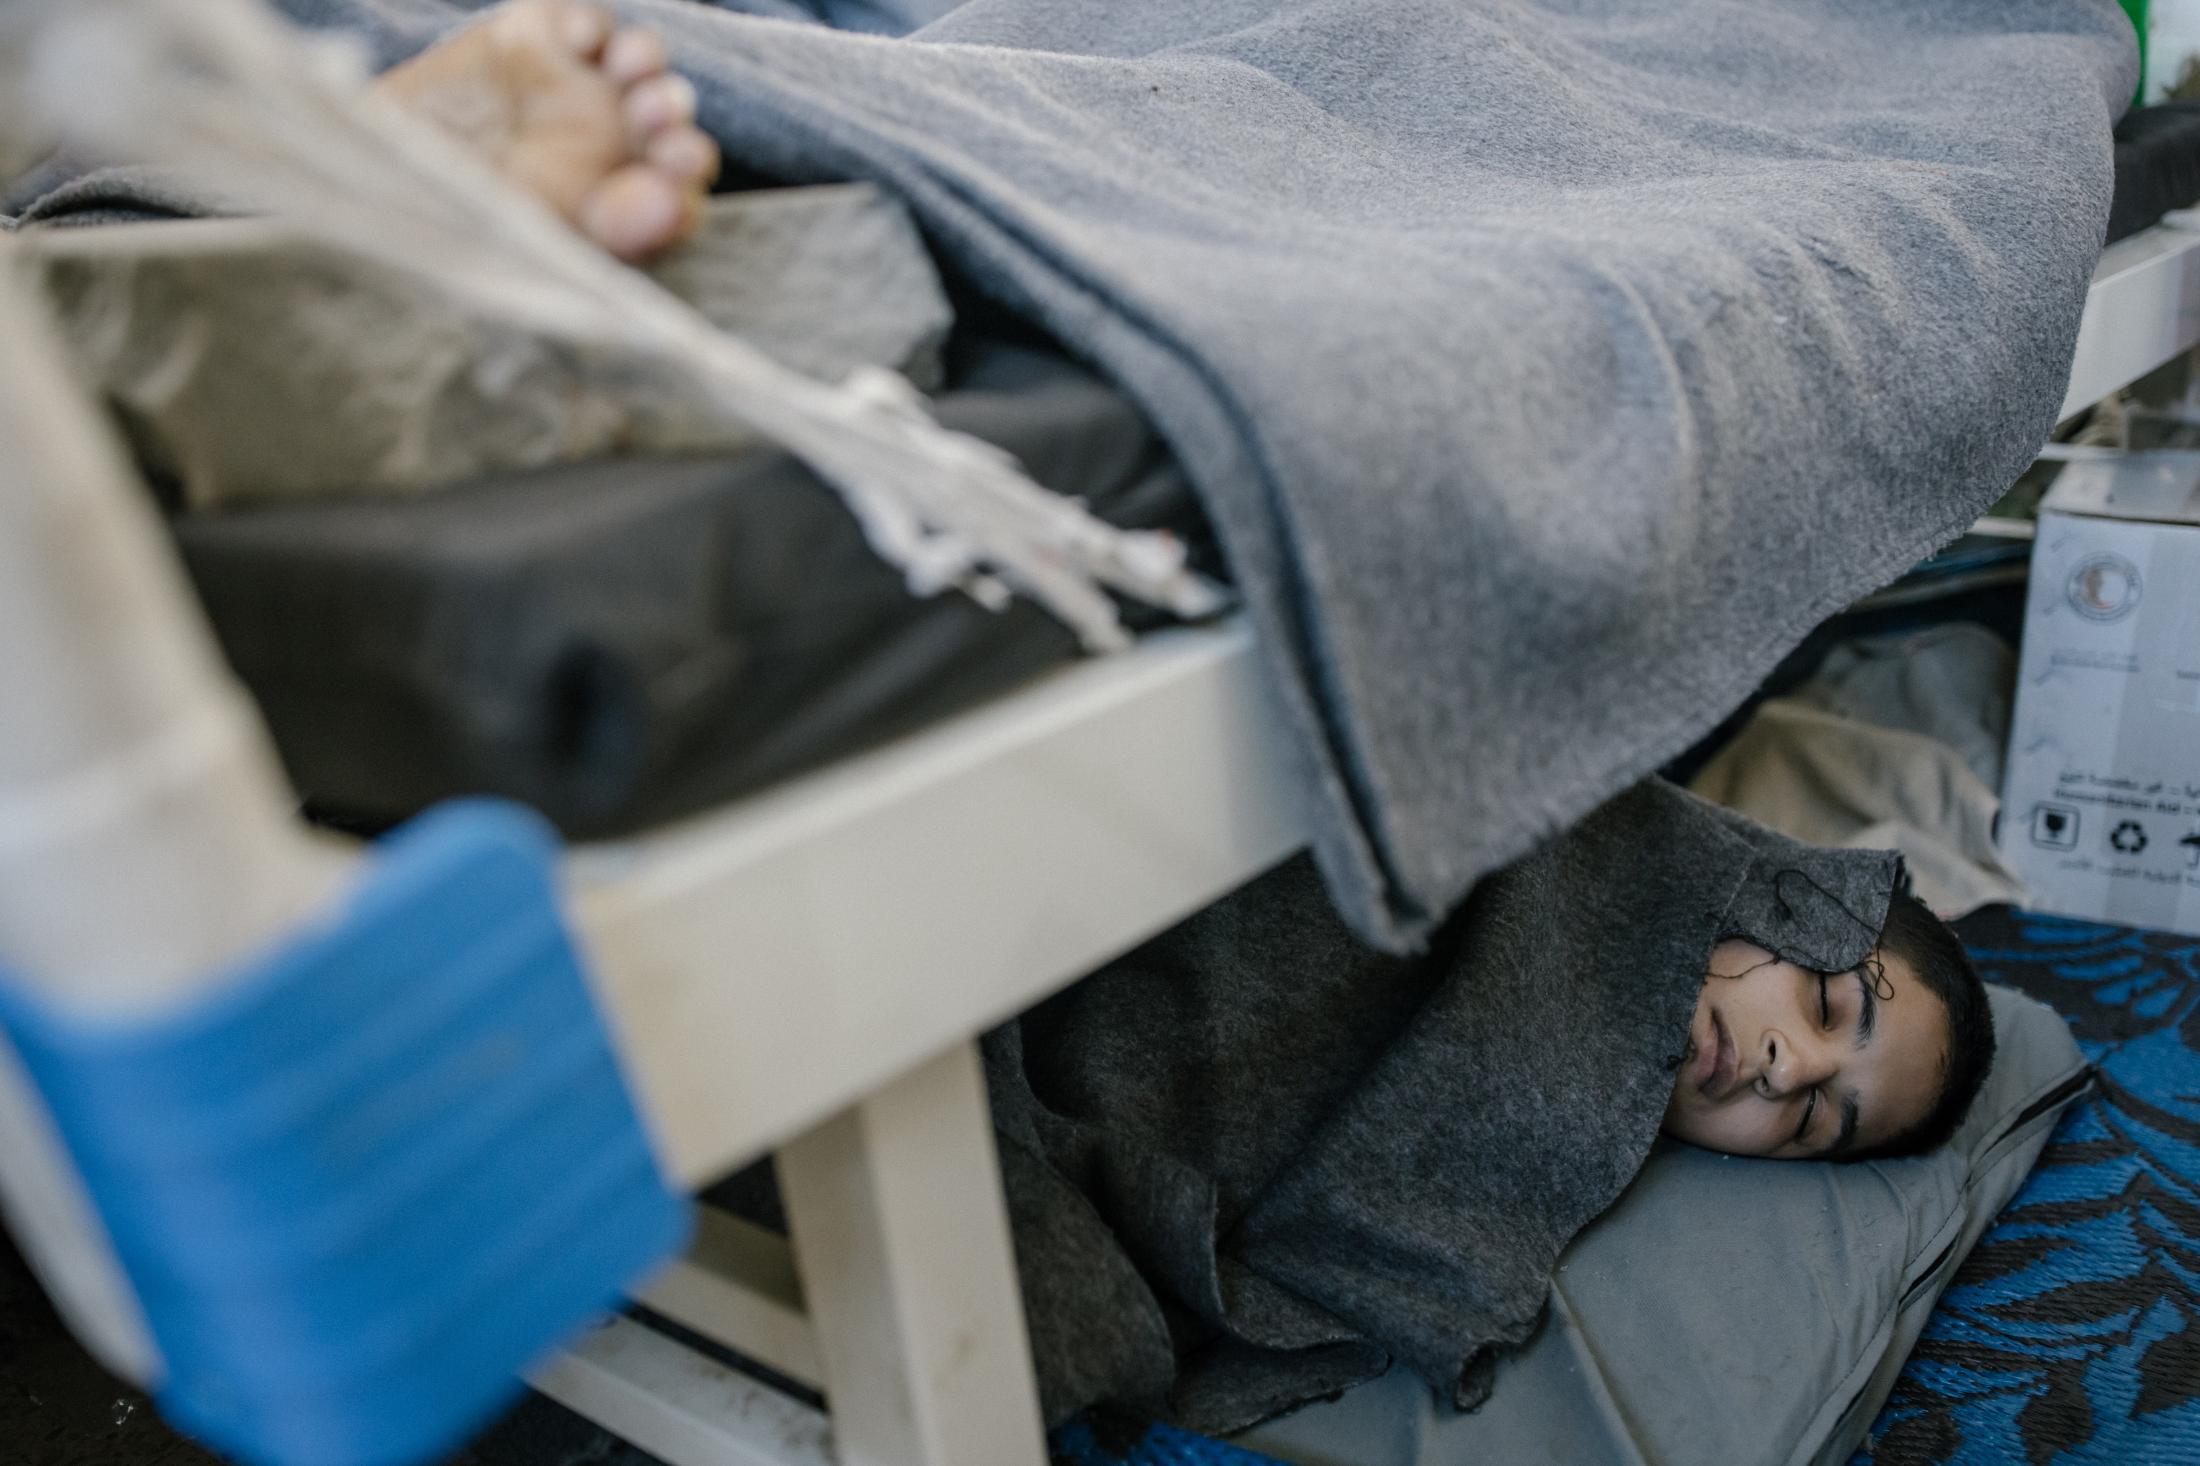 Le 30 octobre 2019, Hassake, nord est syrien. Envion 5000 prisonniers supposés membres de l'Etat islamique vivent dans cette université transformée en prison. Entre 100 et 200 détenus dans chaque salle de classe. La prison est ouverte depuis 4mois au moment de cette photo. Elle est surpeuplée. Les prisonniers sont considérés comme les plus radicaux et vivent dans des conditions difficiles. Cette pièce servait sans doute de grand réfectoire. elle se situe au rez d chaussé, et accueille tous les malades et mourrants. Les plus chanceux ont un lit, d'autres comme cet enfant, s'est trouvé une place sous un lit.